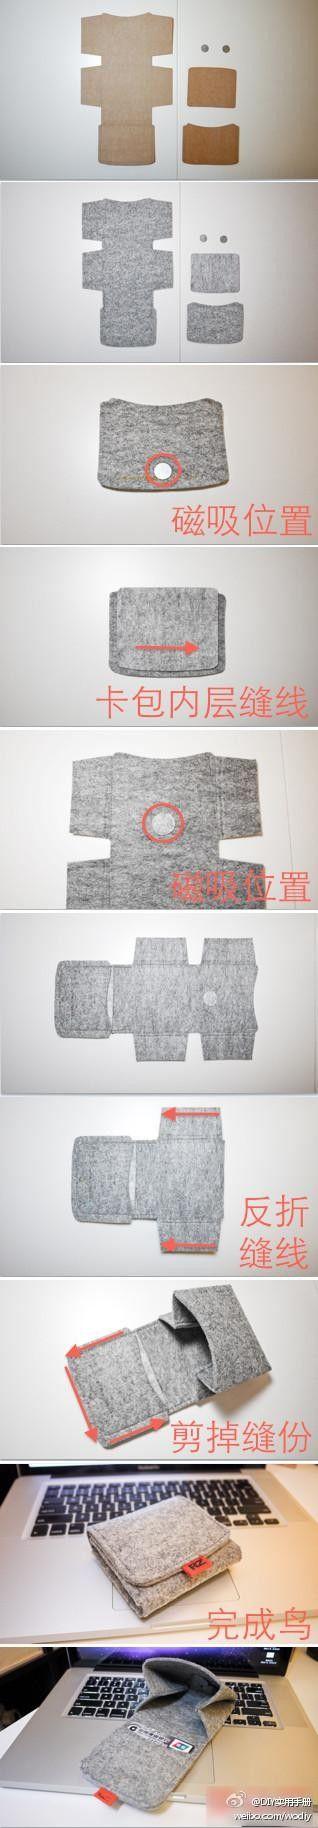 製作錢包 Folded cloth wallet